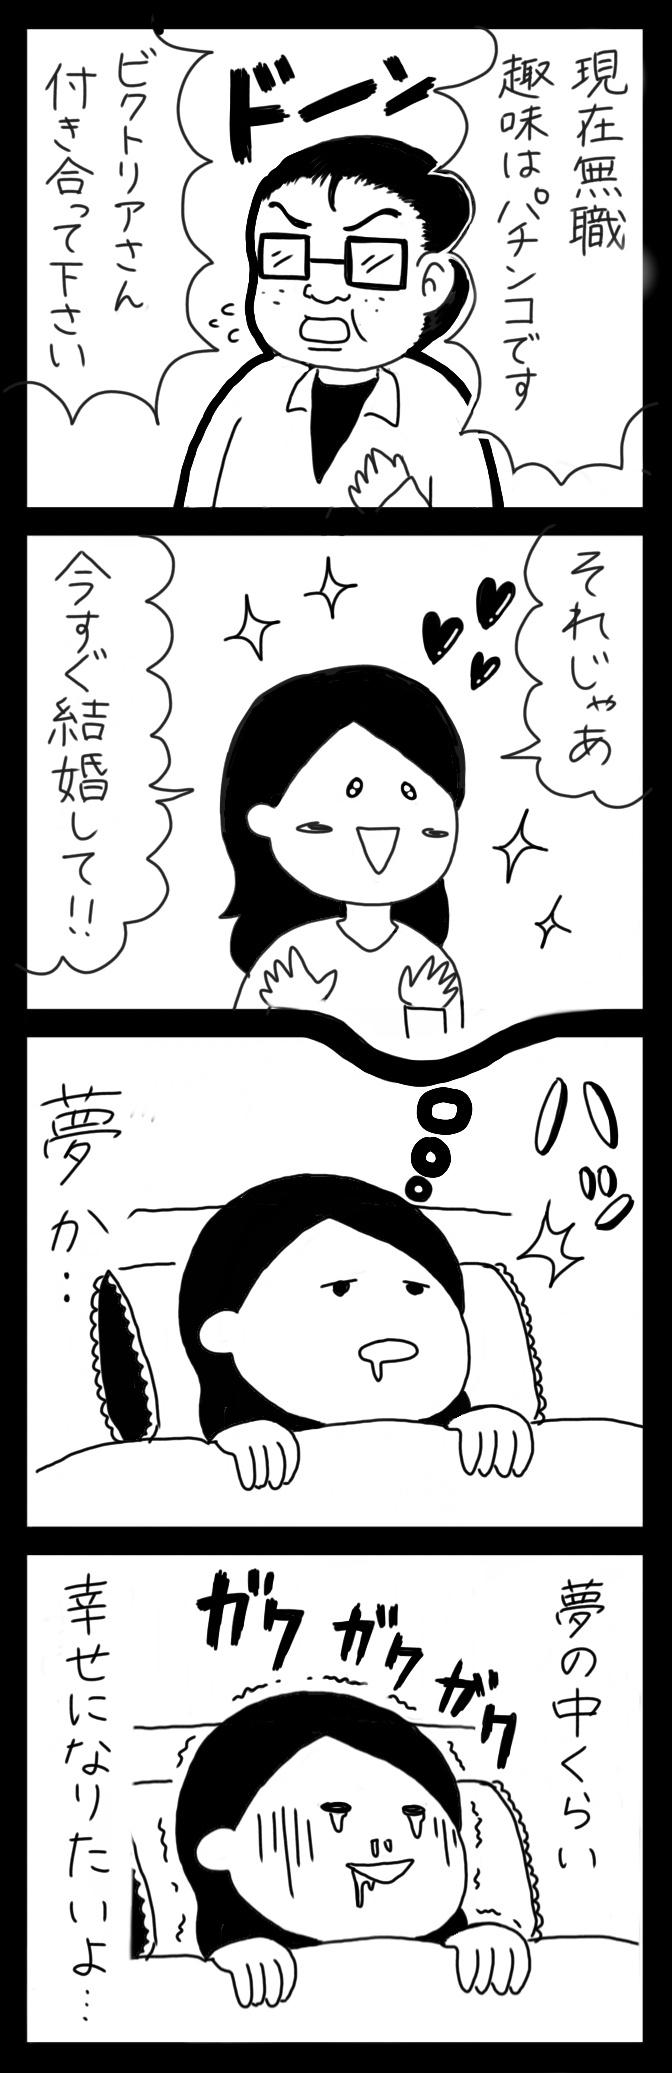 【4コマ漫画】第7回「ビクトリアな日々」作:ビクトリアブラディーヌ